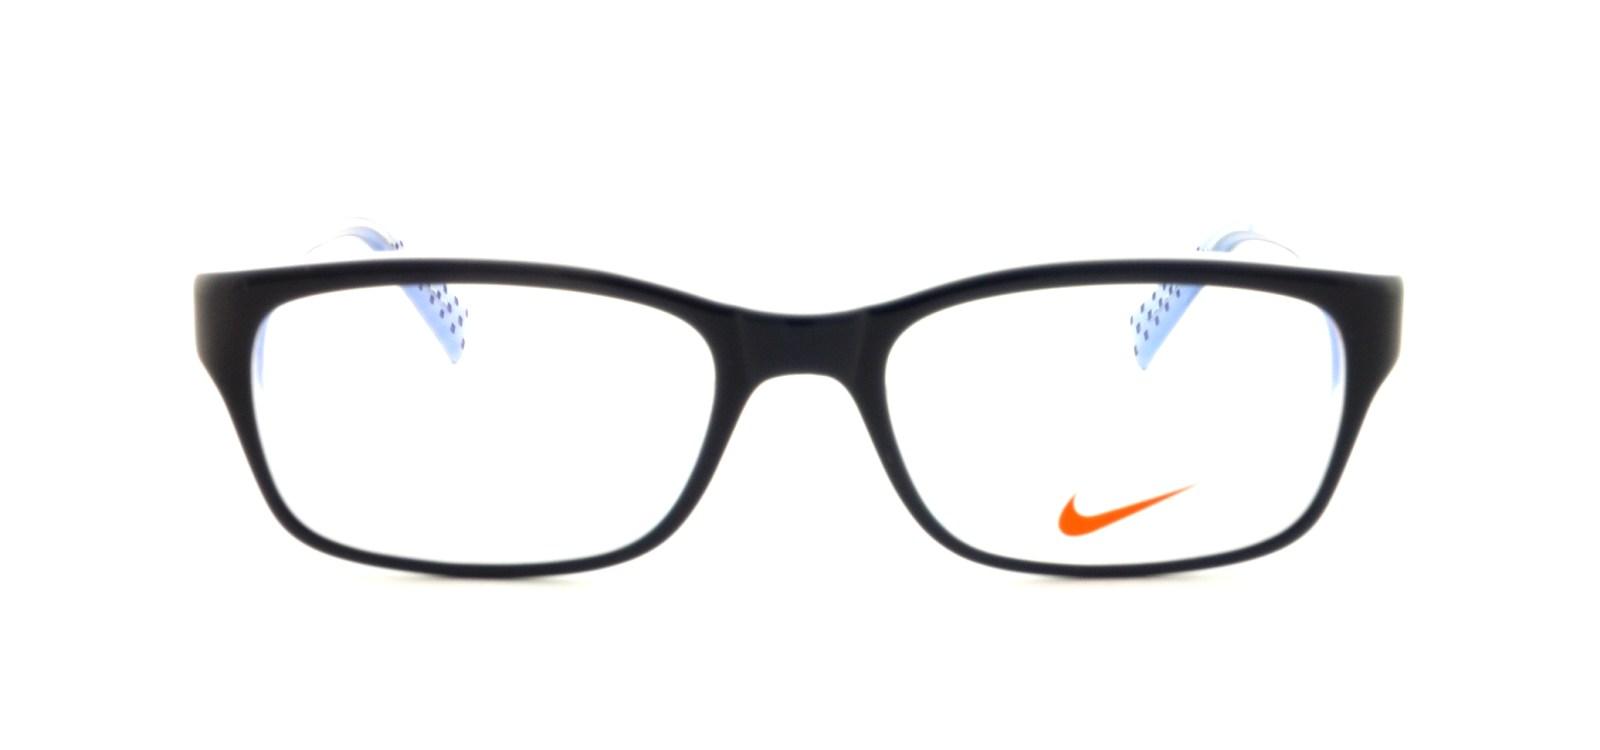 2423f702338d Designer Frames Outlet. Nike 5513